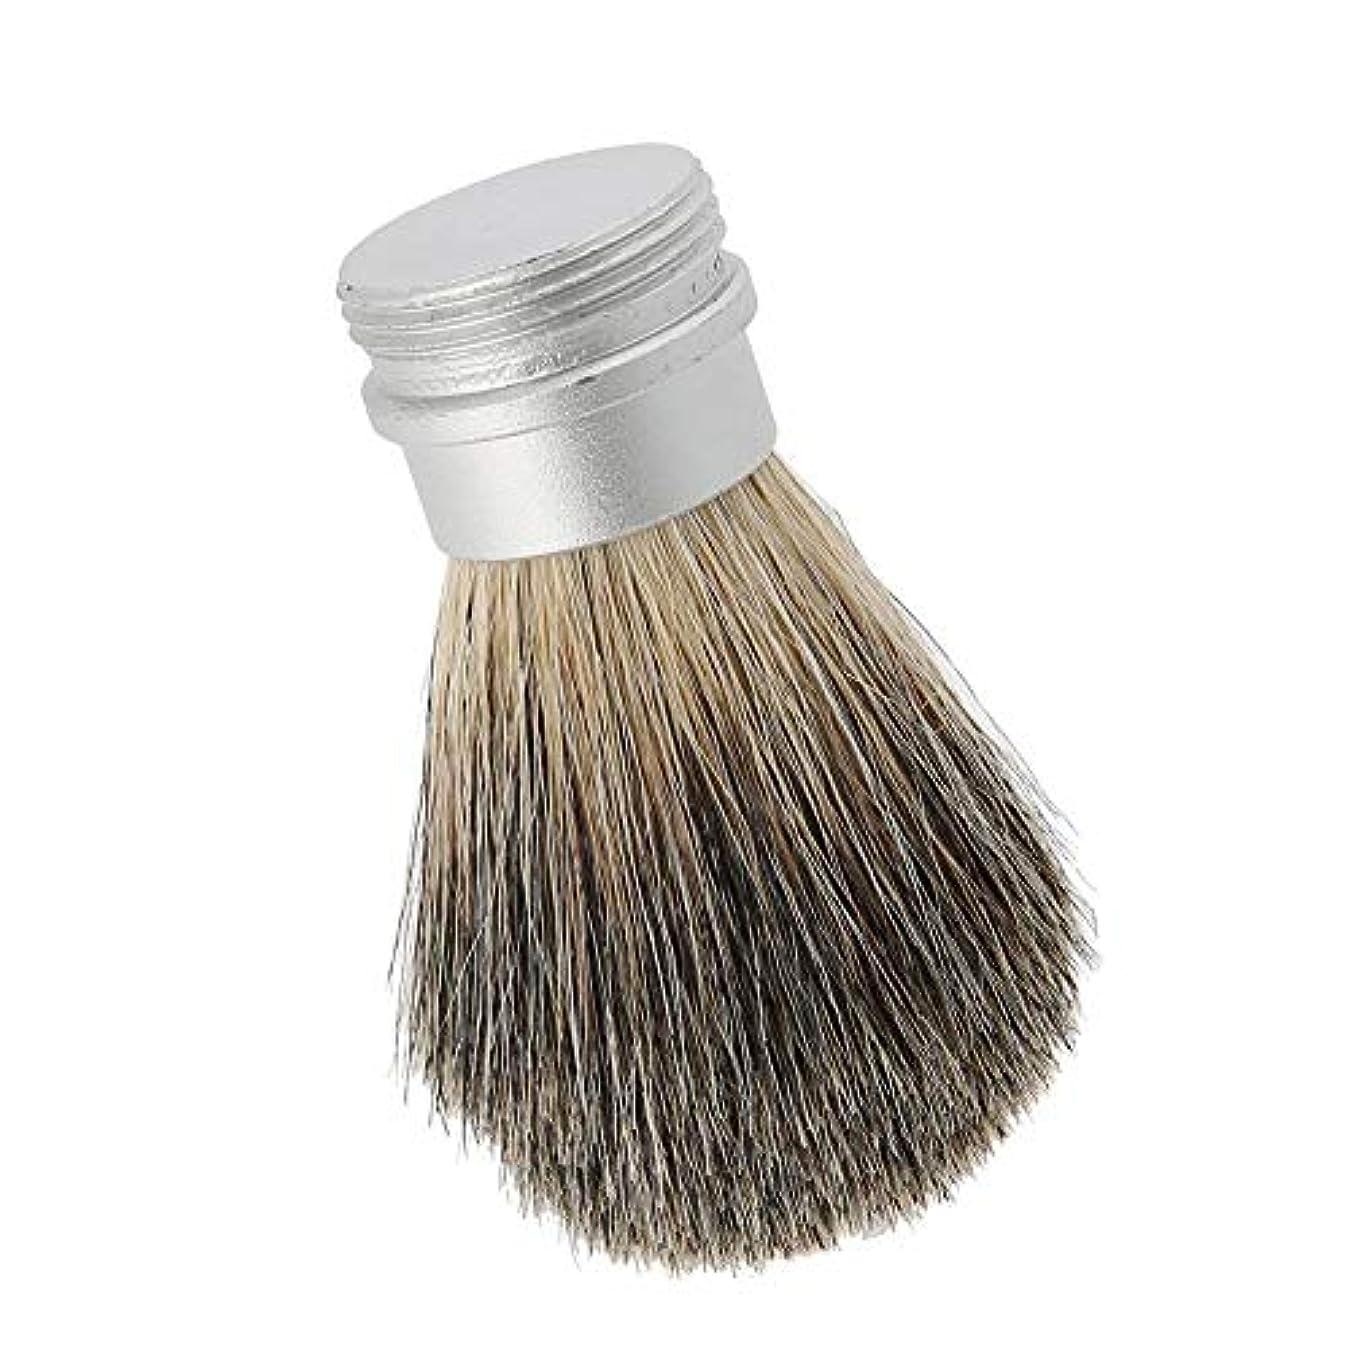 光沢チャーミング推測ひげブラシひげ剃りツールポータブルひげブラシ男性のための最高のヘアブラシ口ひげブラシ